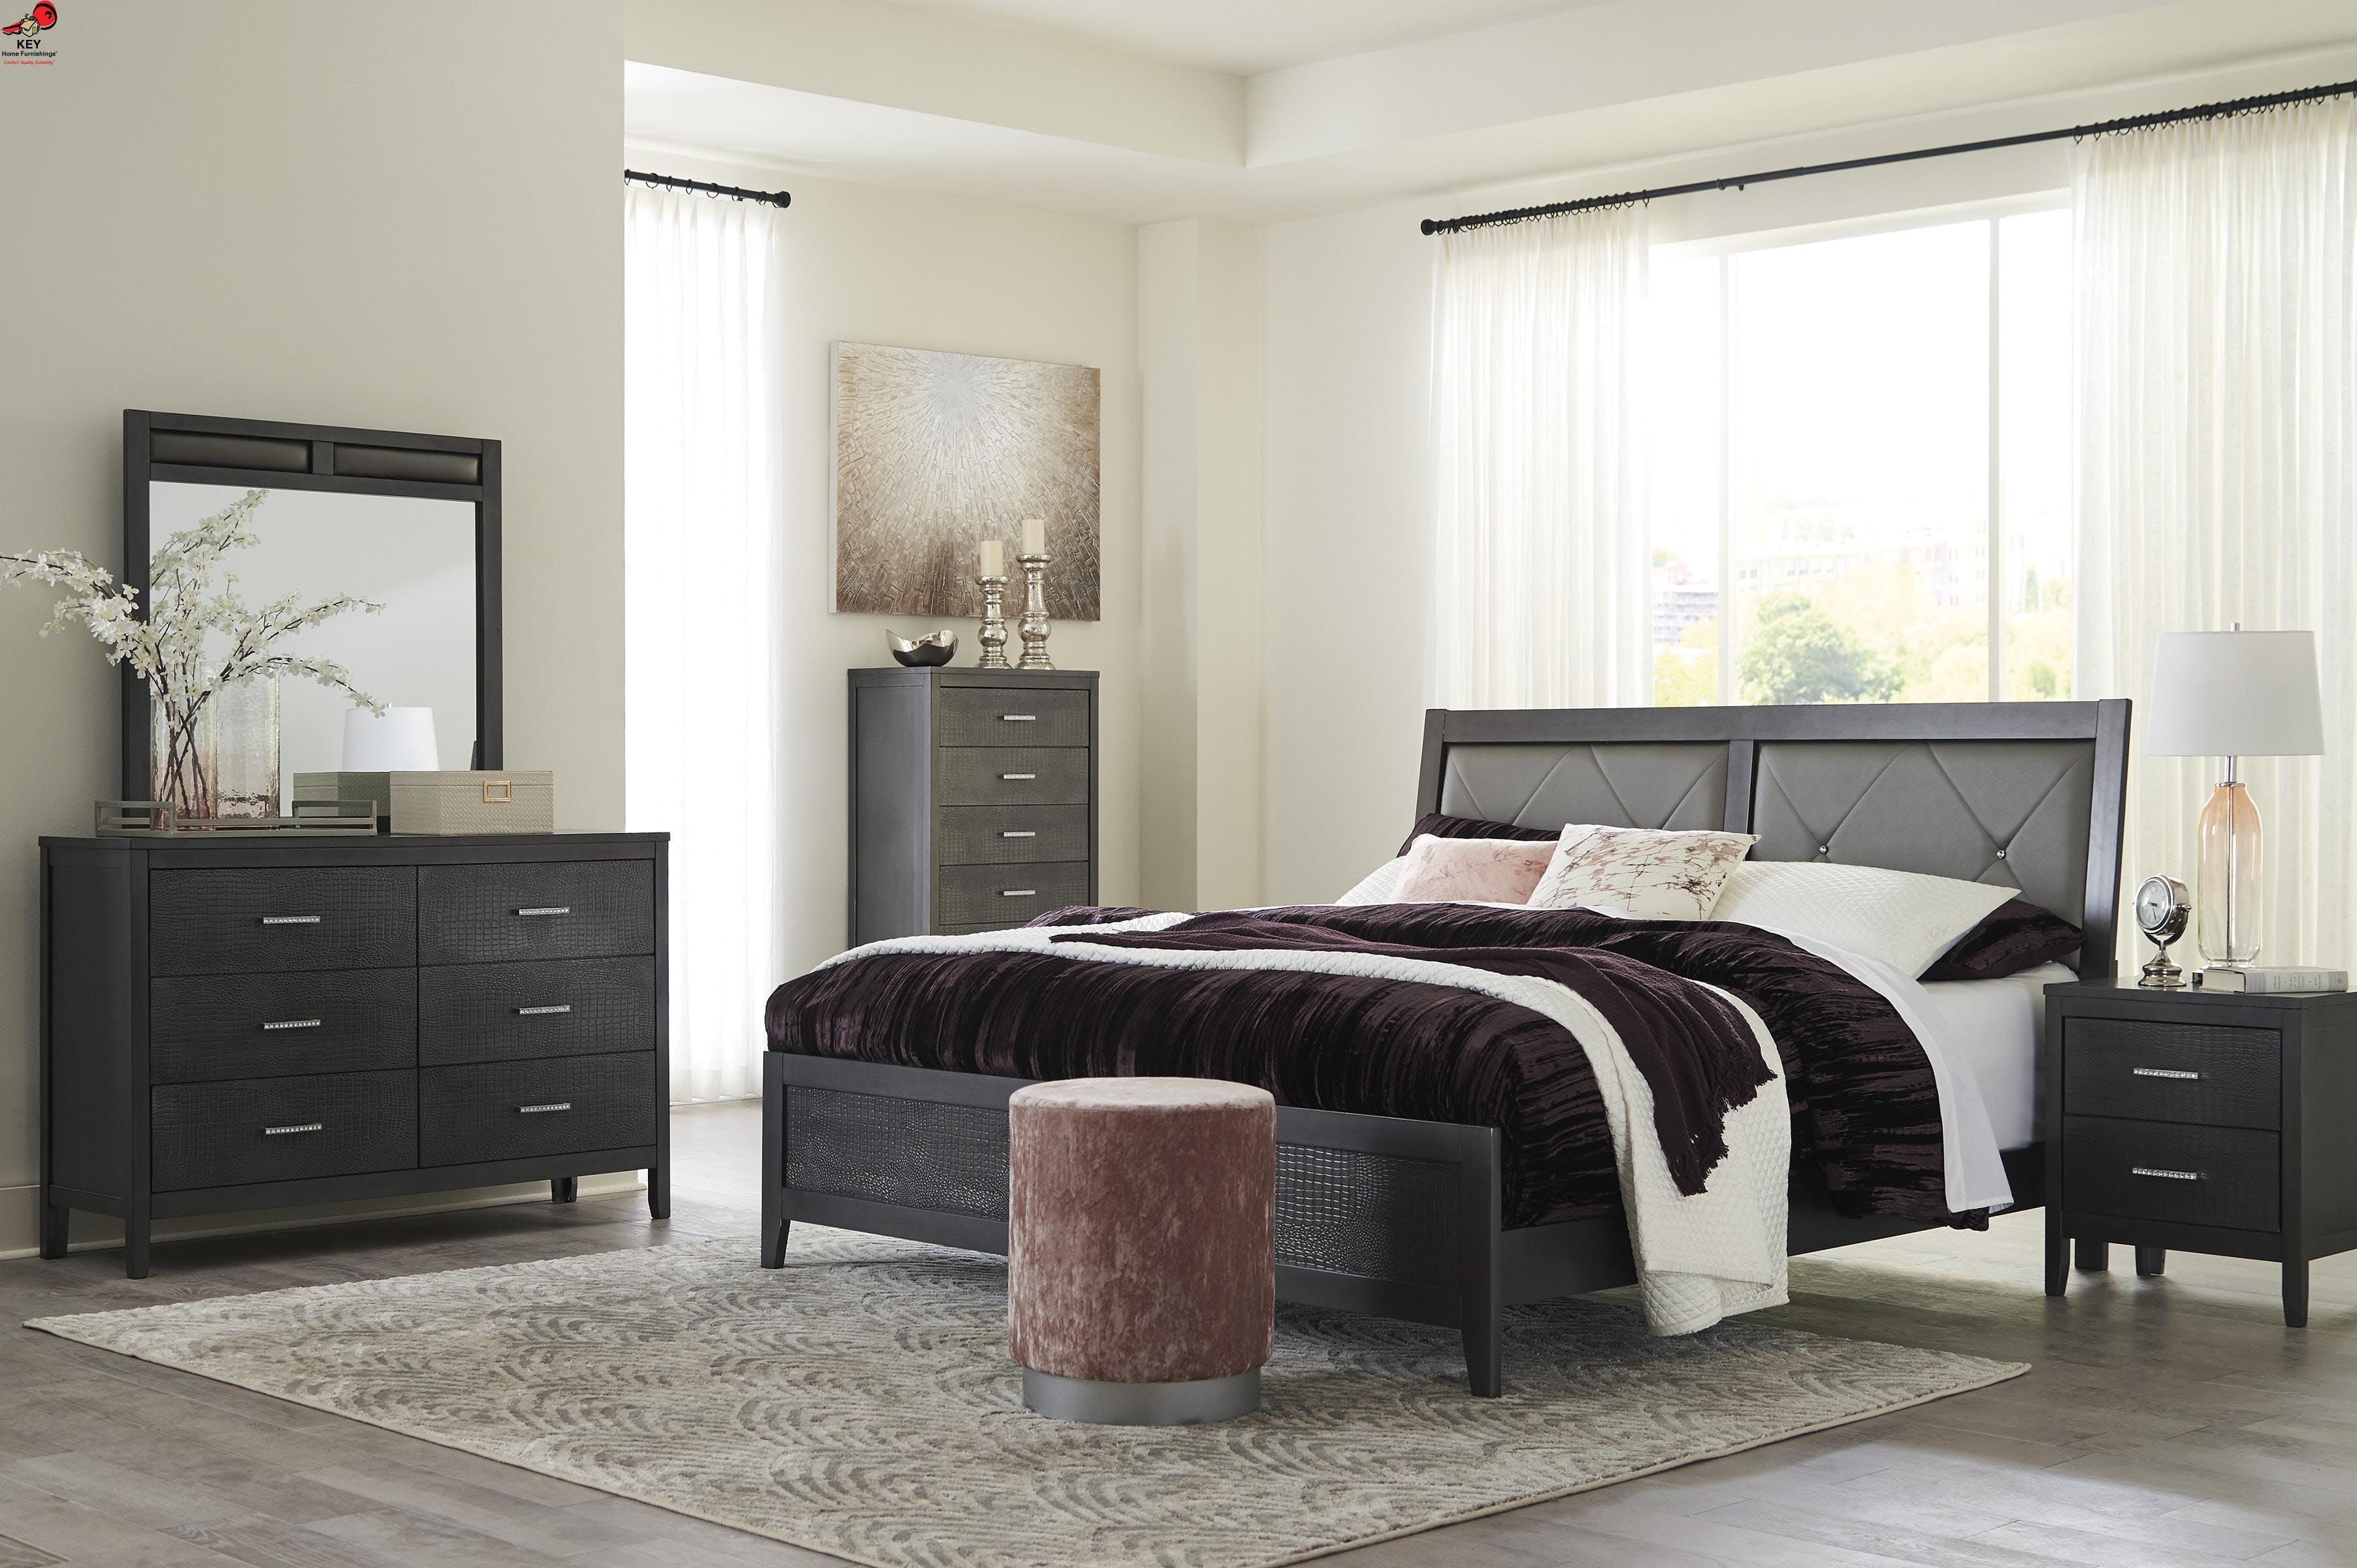 Ashley Delmar 7 Piece Queen Panel Bed Set B483 31 36 46 81 96 92 2 Portland Or Key Home